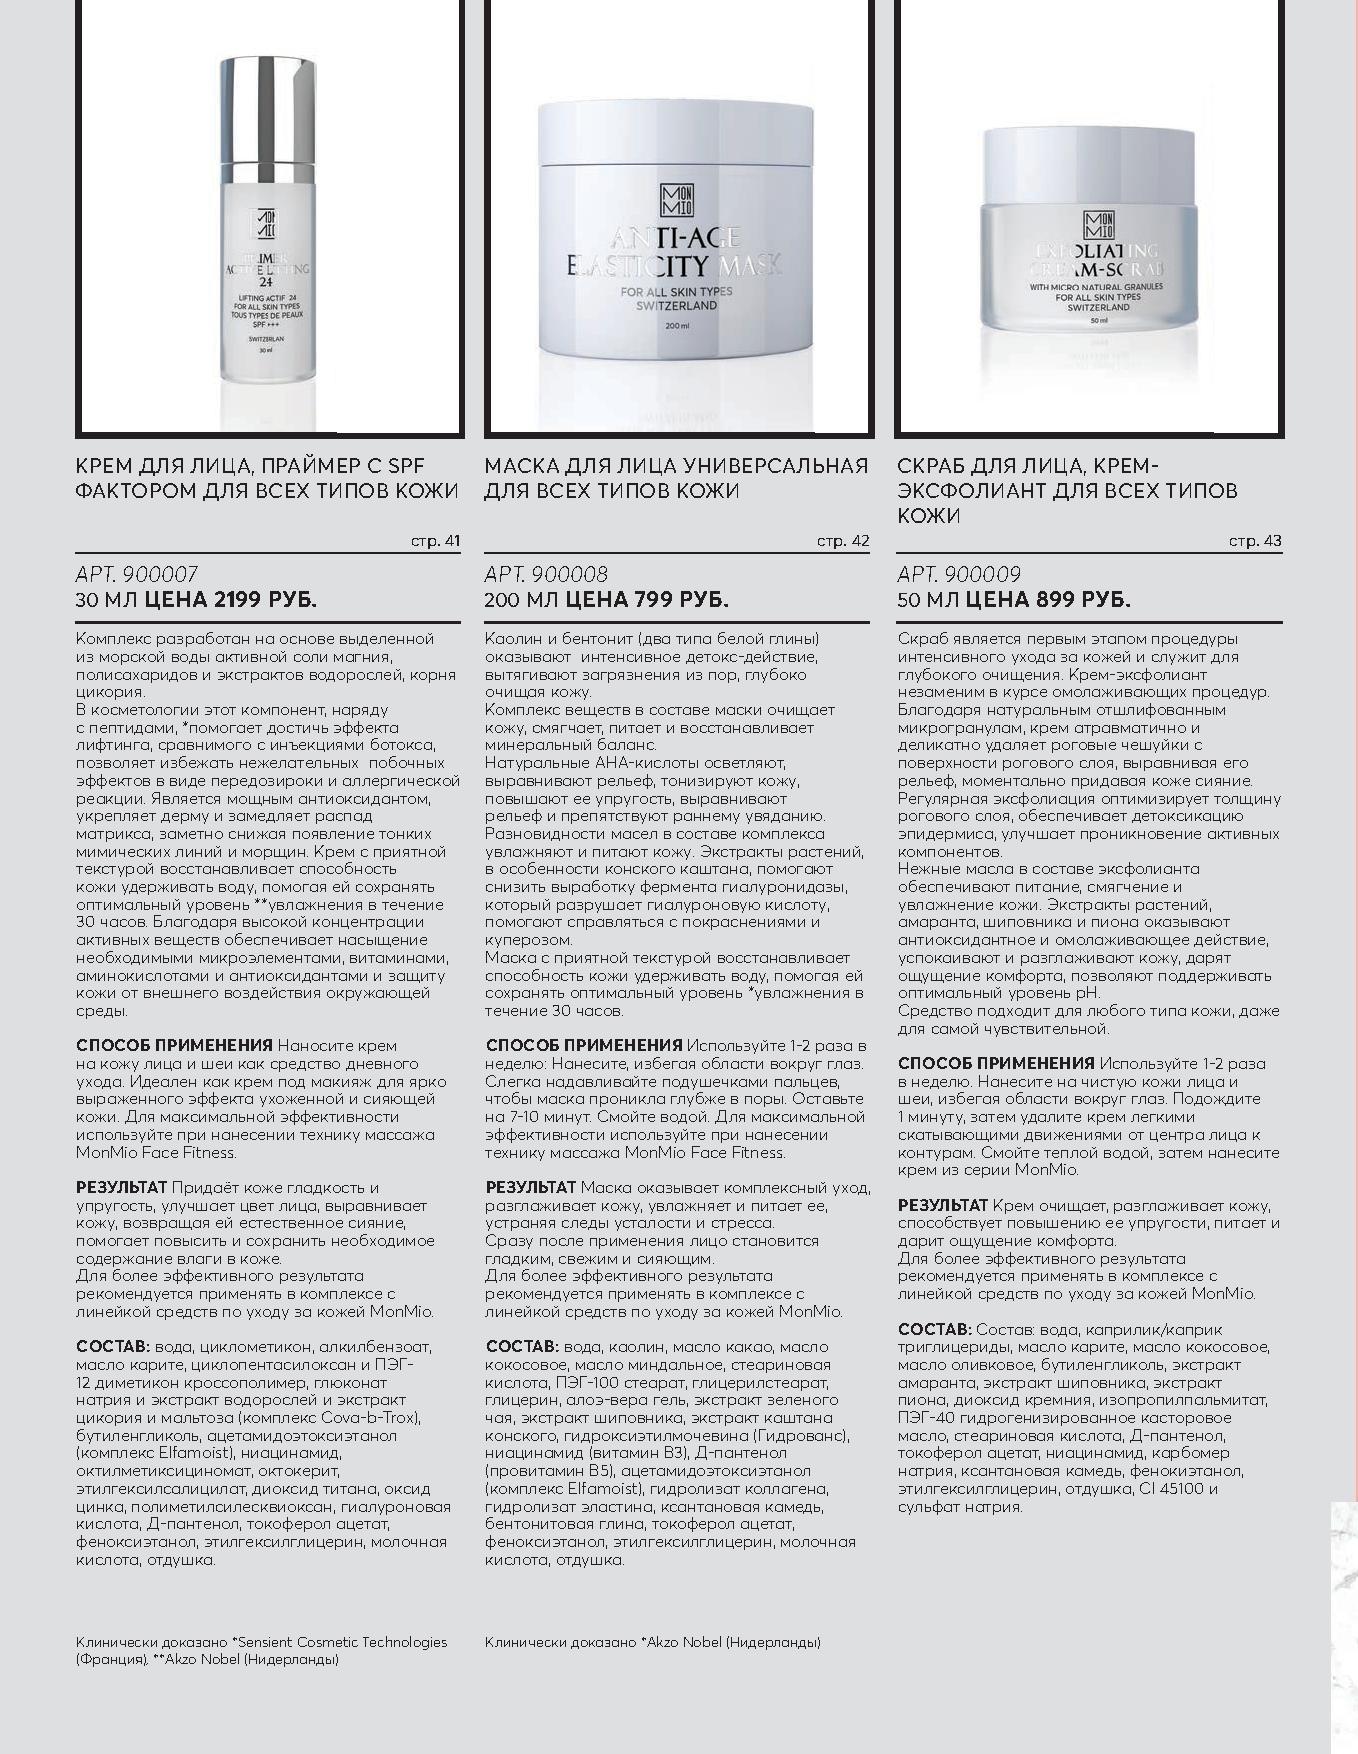 страница Описание косметики премиум класса МонМио каталог осень - зима 2018/2019